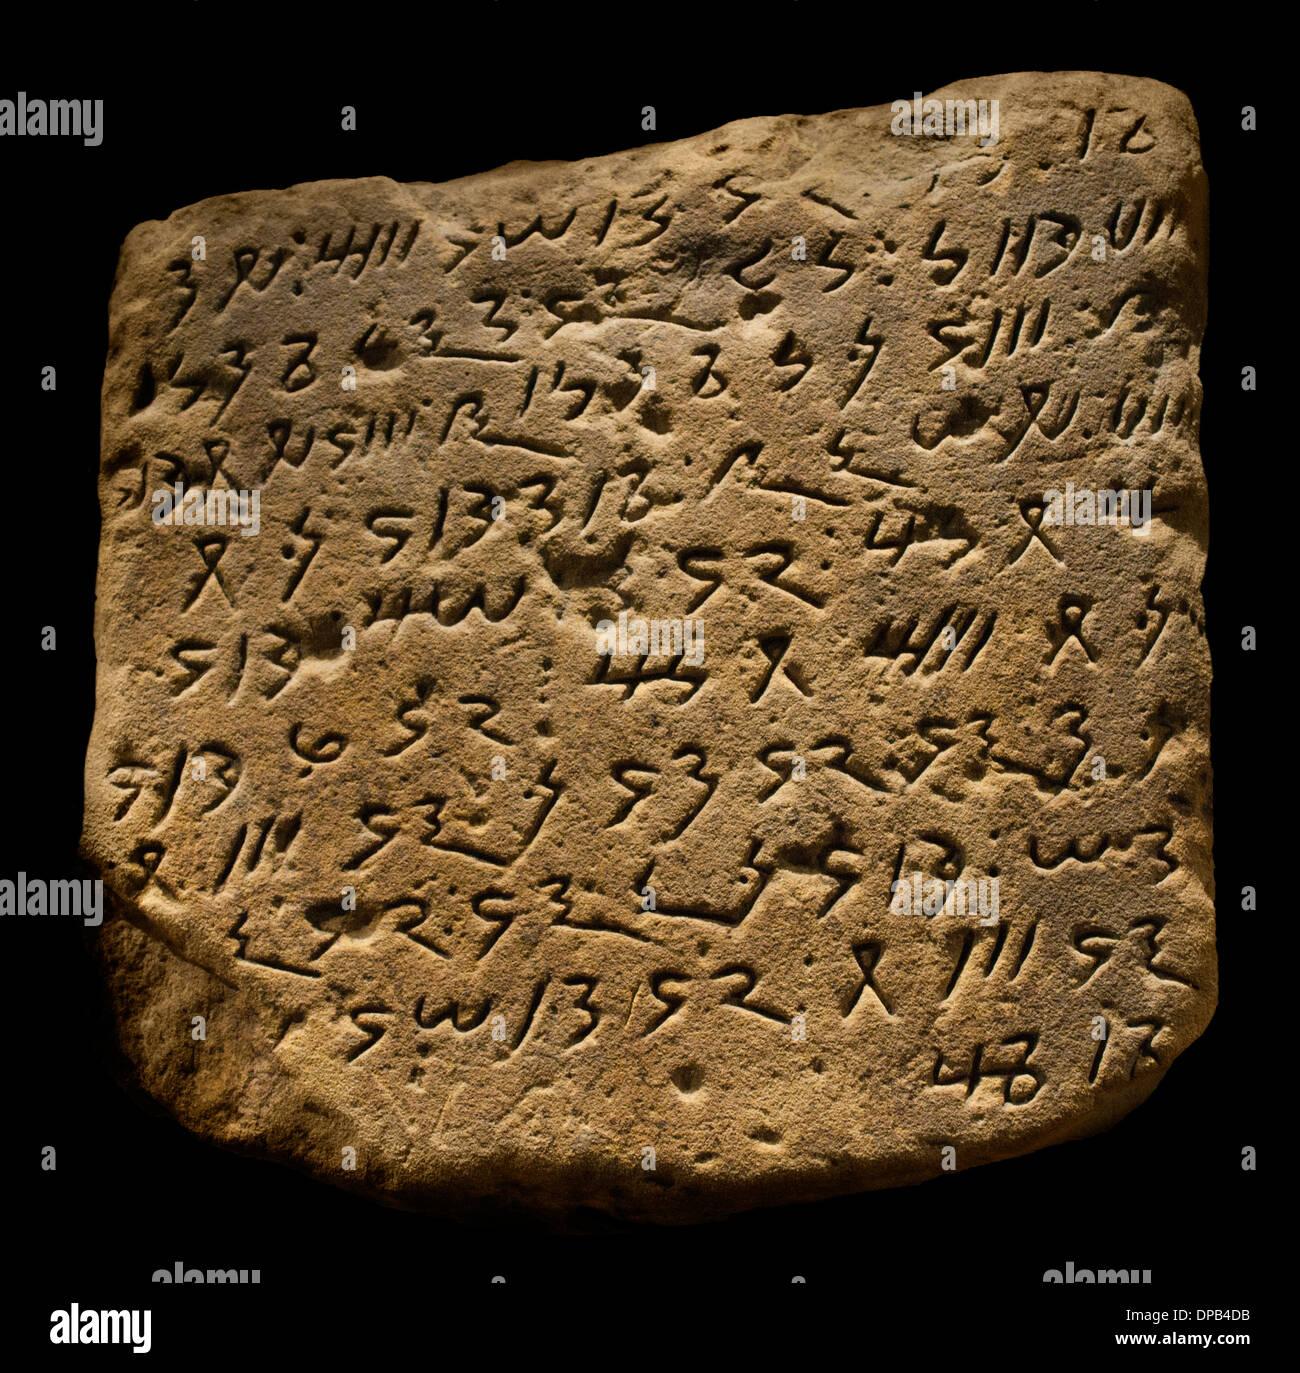 El script Meroitic derivados de jeroglíficos egipcios reino de Meroe en Sudán Napatan período 700-300 BC Napata Imagen De Stock